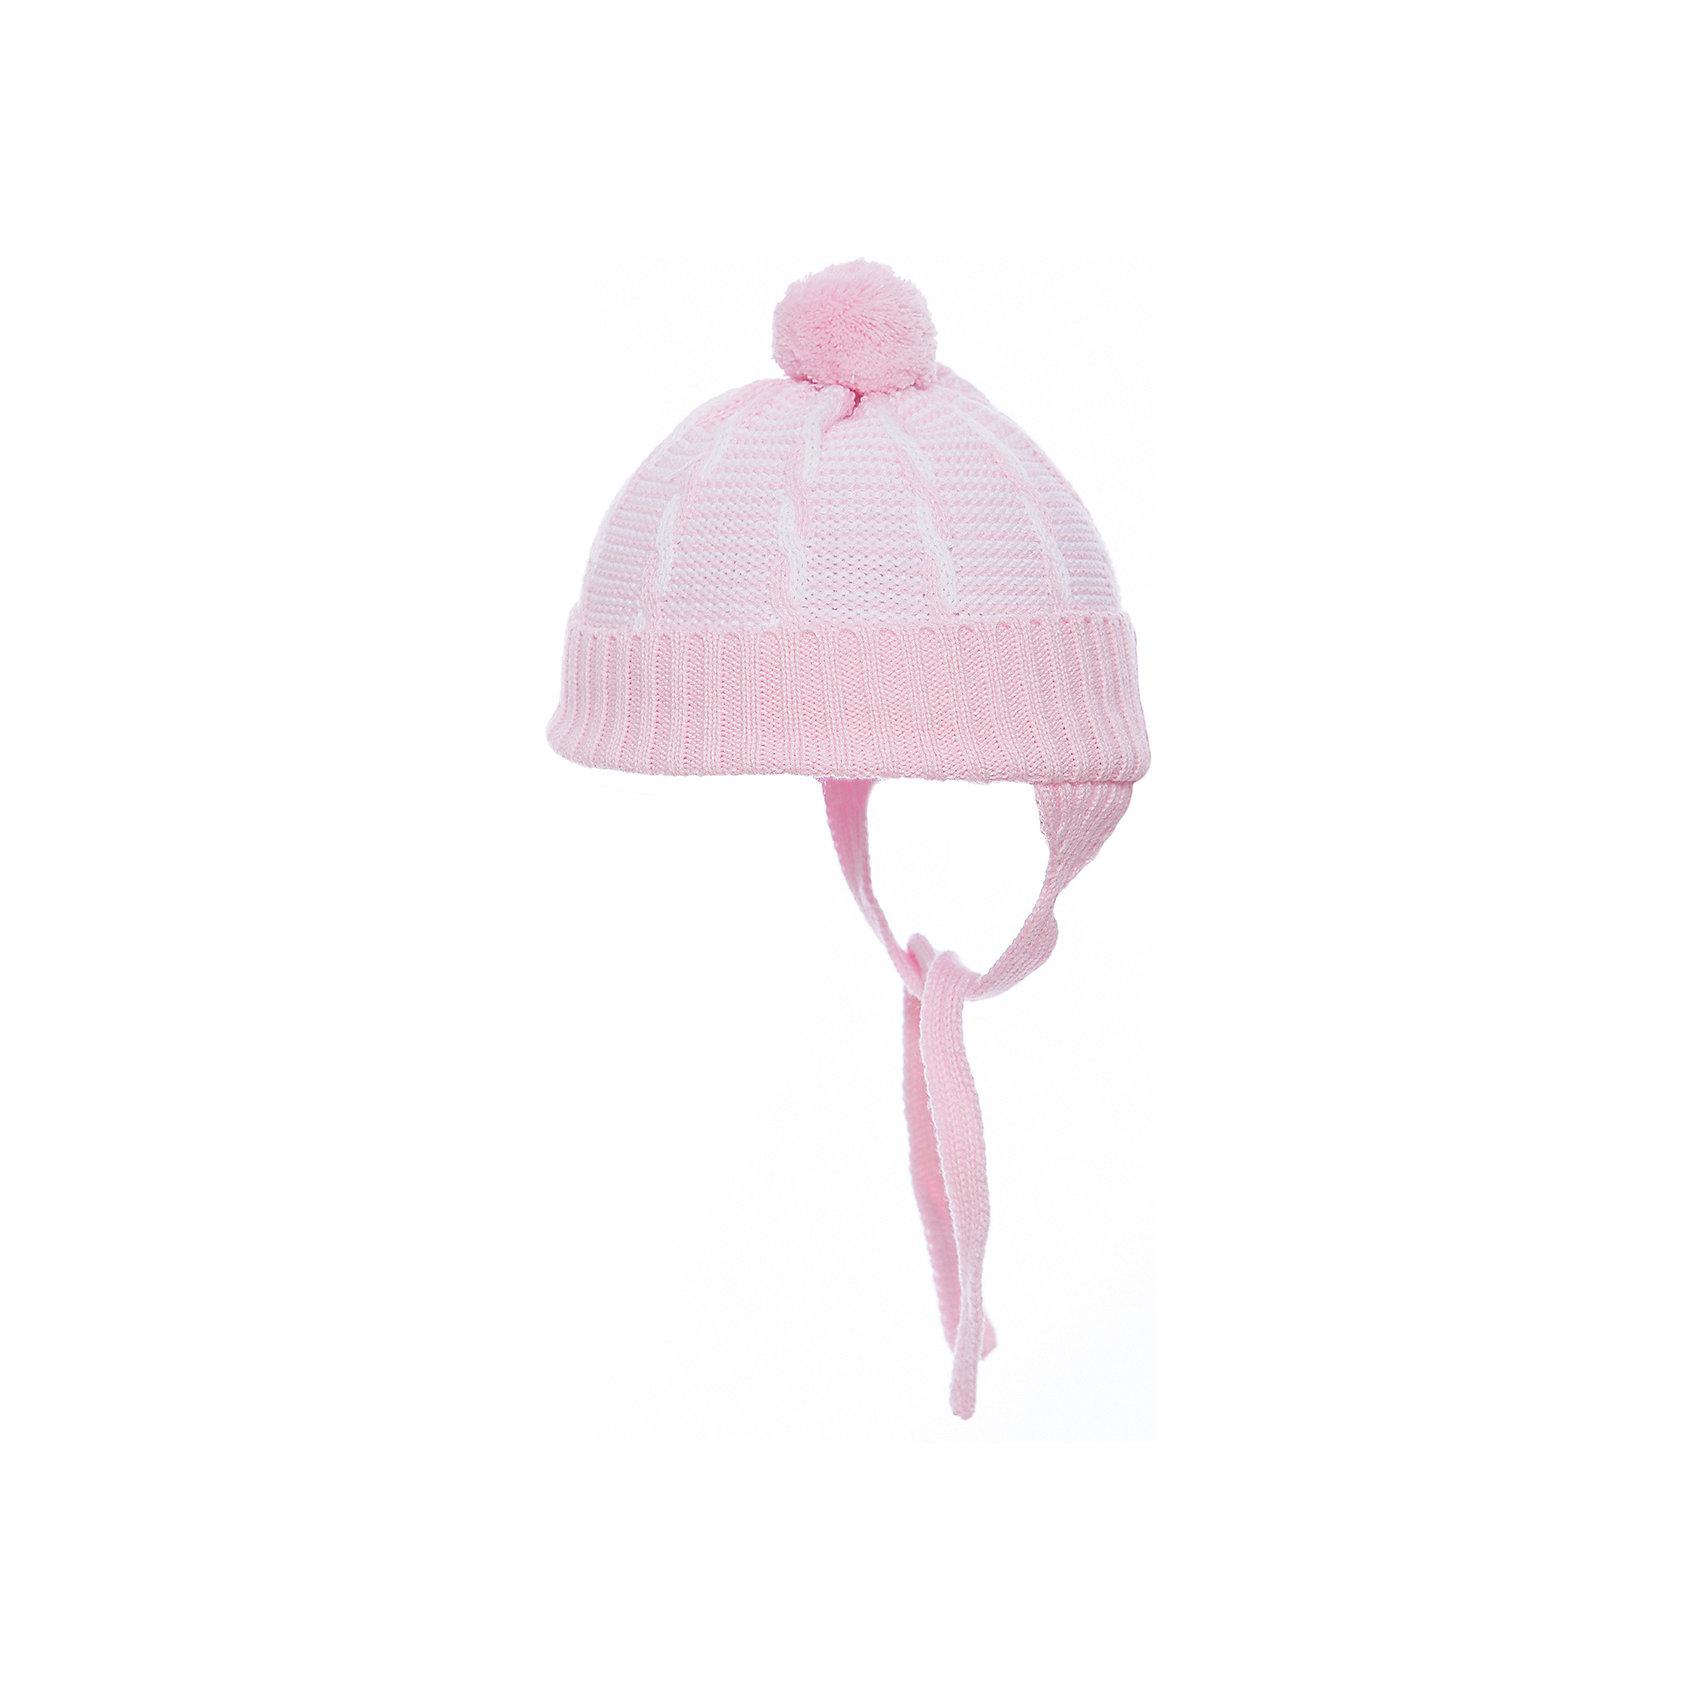 Шапка АртельГоловные уборы<br>Шапка от торговой марки Артель <br><br>Мягкая теплая шапка отлично смотрится на детях и комфортно сидит. Изделие выполнено из качественных материалов.<br>Одежда от бренда Артель – это высокое качество по приемлемой цене и всегда продуманный дизайн. <br><br>Особенности модели: <br>- цвет — розовый; <br>- украшена помпоном;<br>- есть завязки; <br>- натуральный хлопок с добавкой пана. <br><br>Дополнительная информация: <br><br>Состав: 50% хлопок, 50% пан.<br><br><br>Температурный режим: <br>от -10 °C до +10 °C <br><br>Шапку Артель (Artel) можно купить в нашем магазине.<br><br>Ширина мм: 89<br>Глубина мм: 117<br>Высота мм: 44<br>Вес г: 155<br>Цвет: розовый<br>Возраст от месяцев: 60<br>Возраст до месяцев: 72<br>Пол: Женский<br>Возраст: Детский<br>Размер: 52,44,46,48,50<br>SKU: 4500599